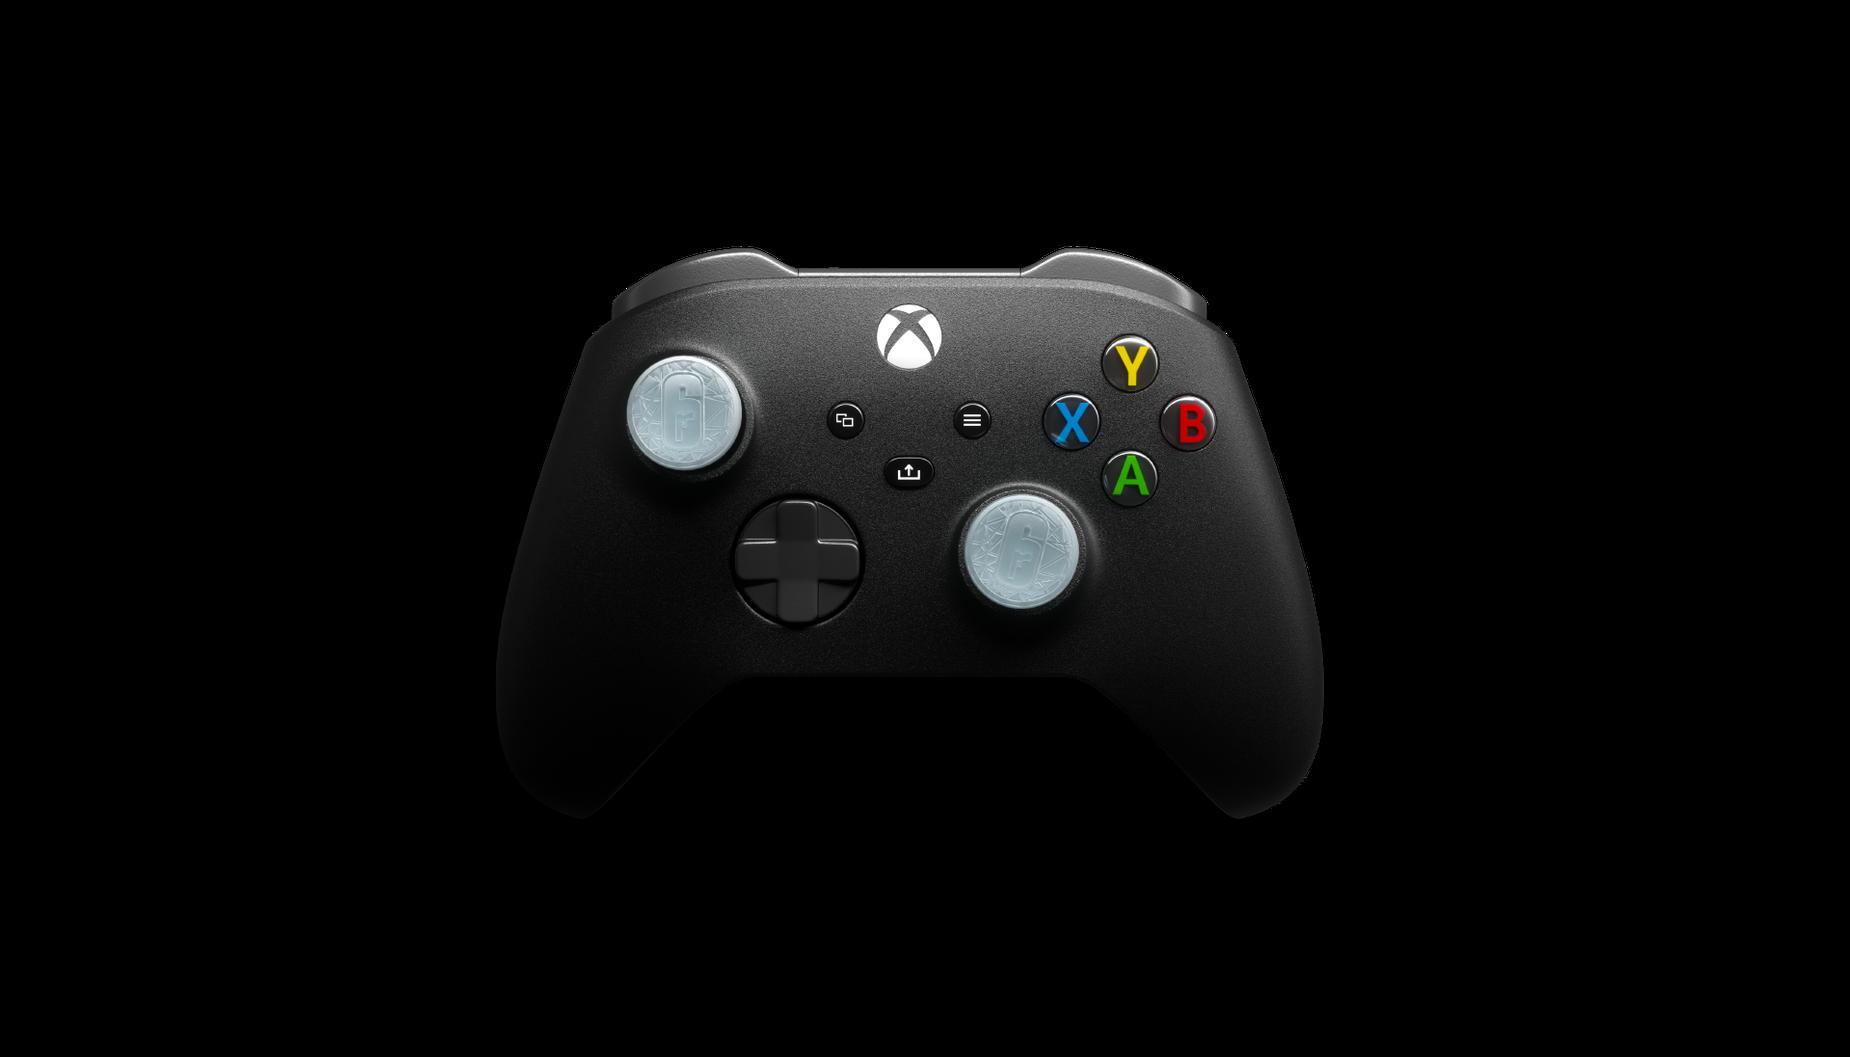 Les joysticks de performance Black Ice de KontrolFreek sur une manette.